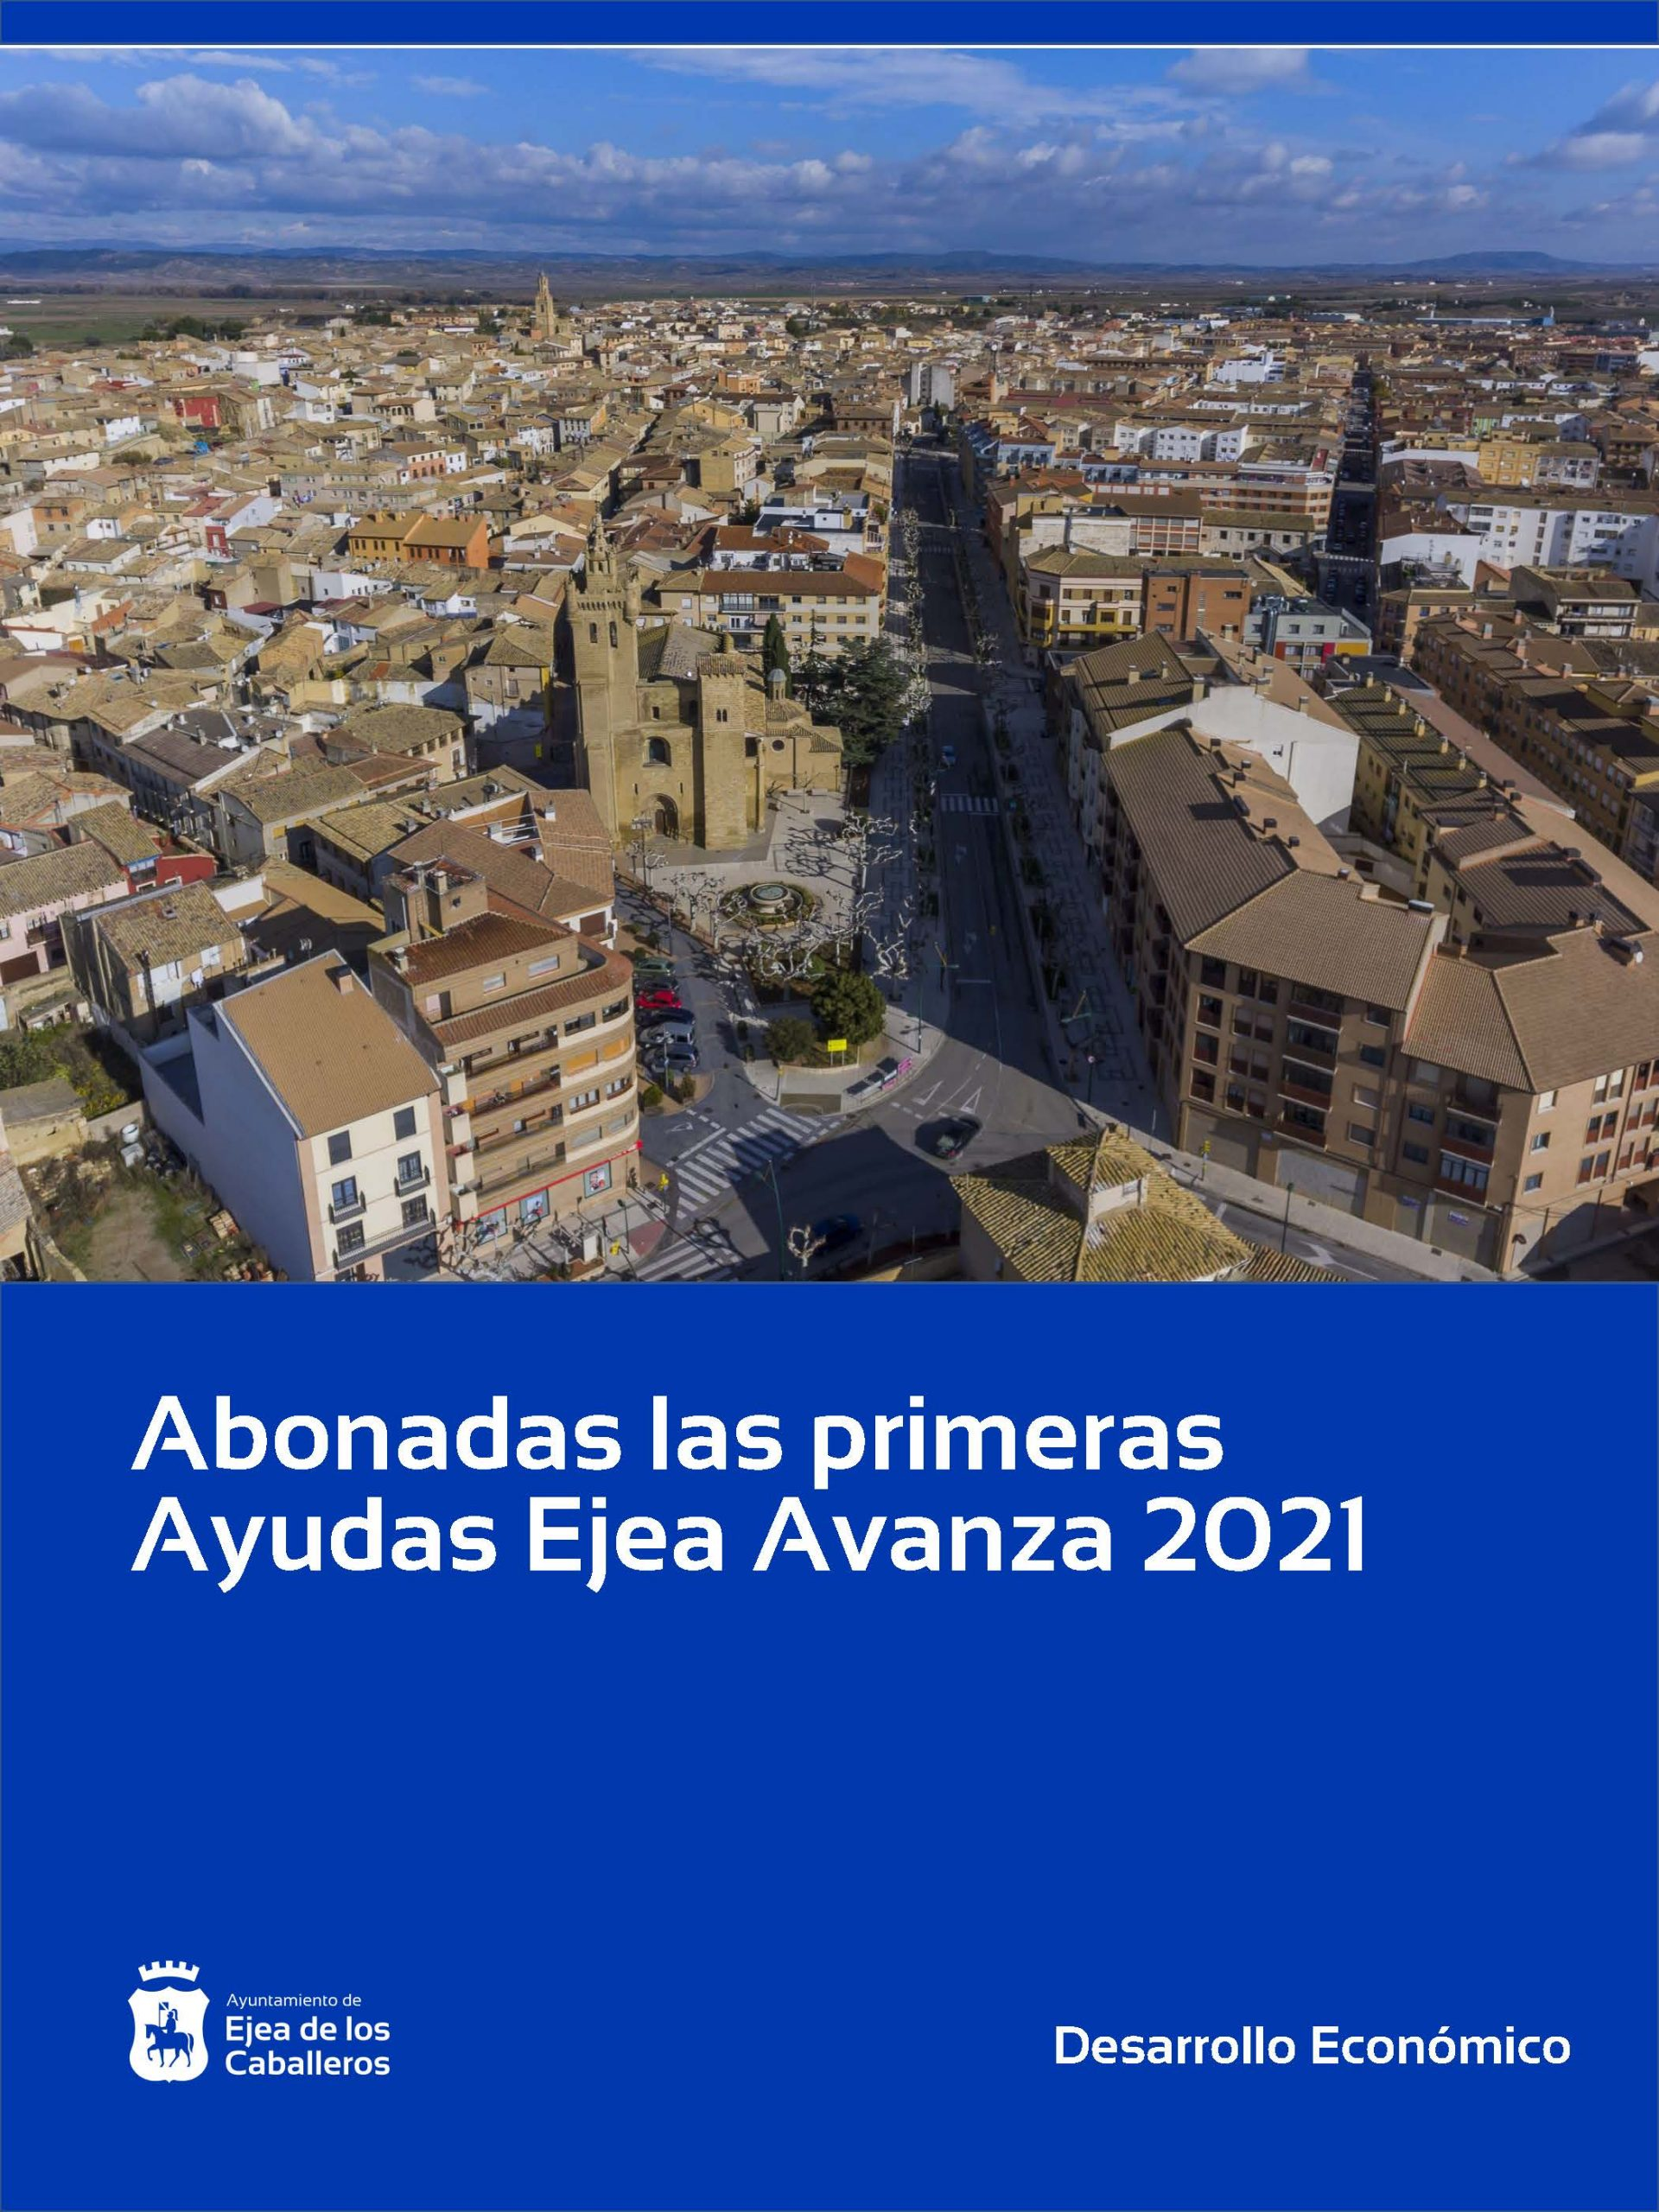 Pagadas 64 ayudas Ejea Avanza 2021 por valor de 131.600 €